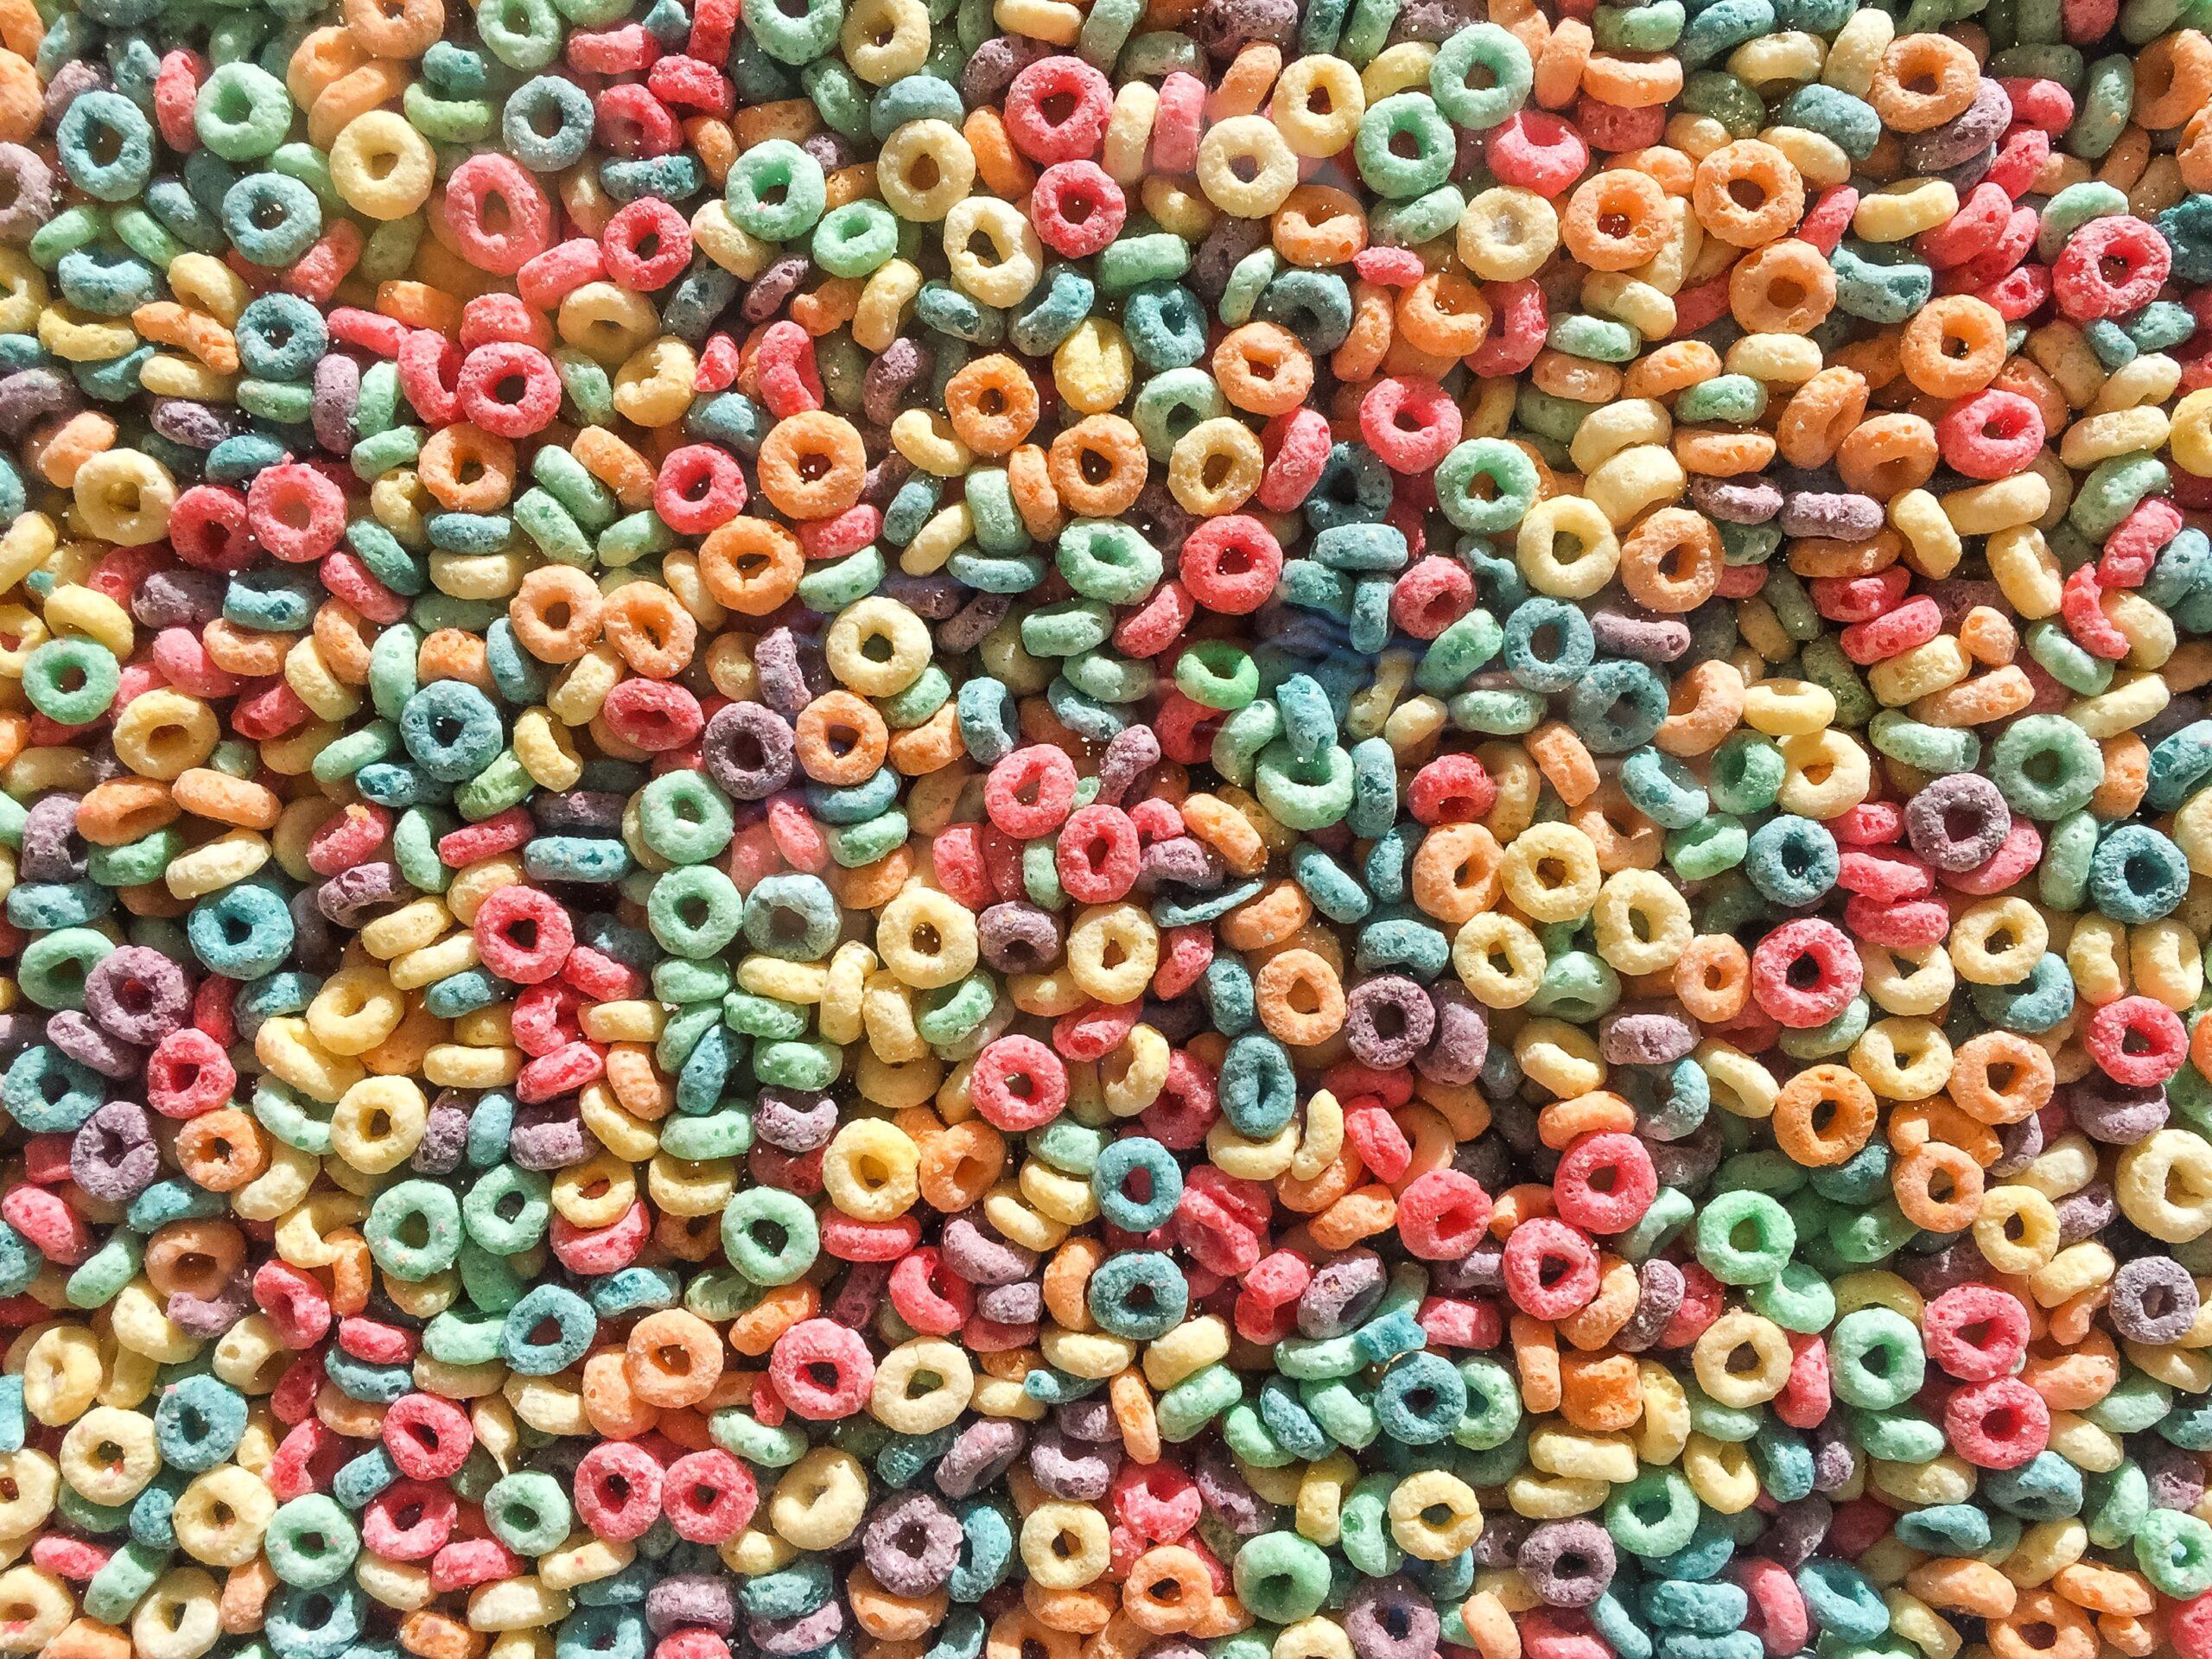 「食力」早餐麥片是發射出來的?一起來認識讓穀類食品成型的「膨發」技術!